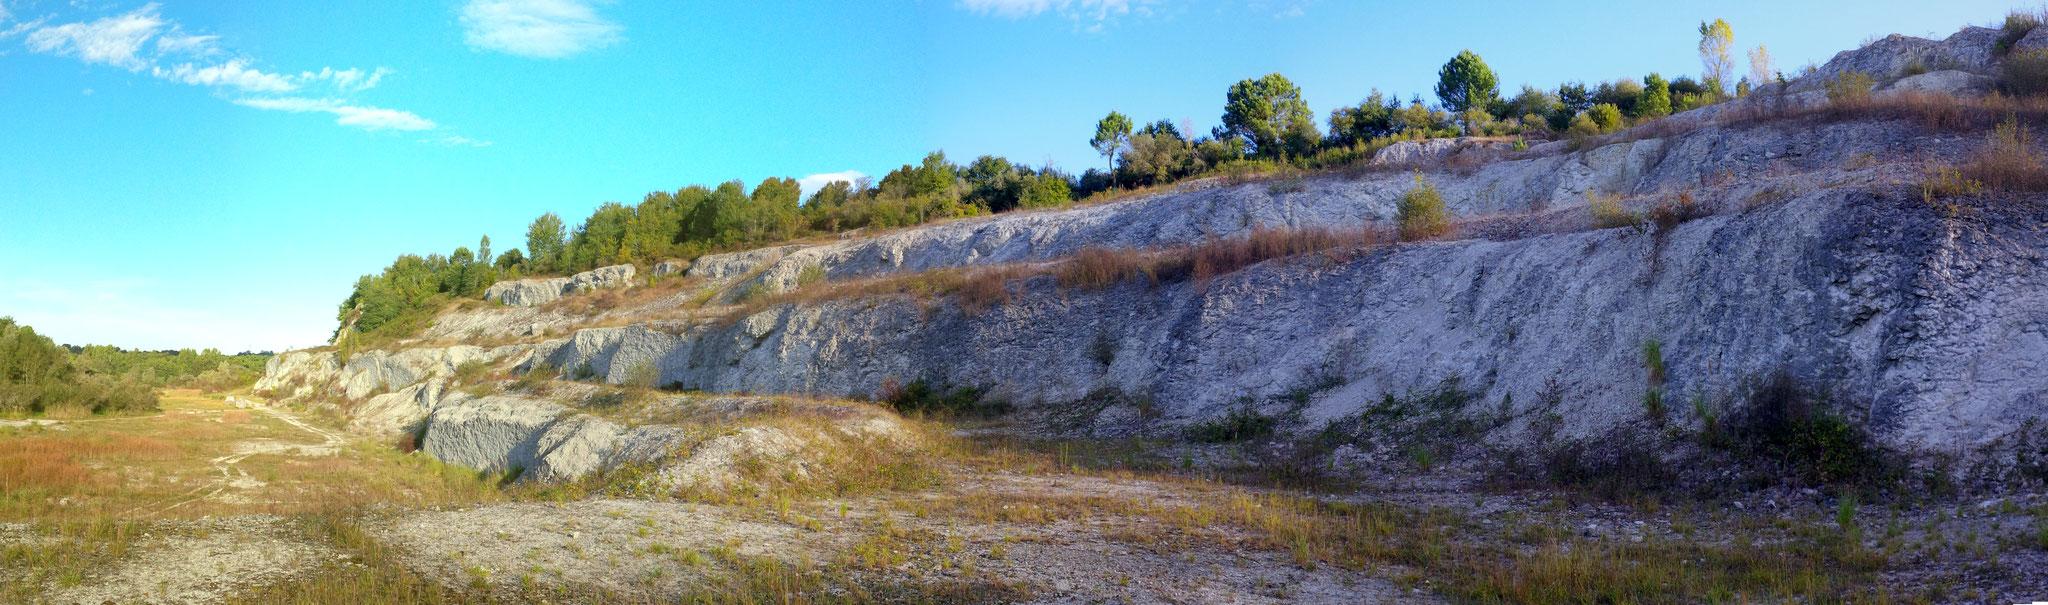 Stratotype de limite Campanien/Maastrichtien en Réserve Naturelle Régionale du site des carrières de Tercis-les-Bains – Landes (Cliché RNGSLB) – site classé ***